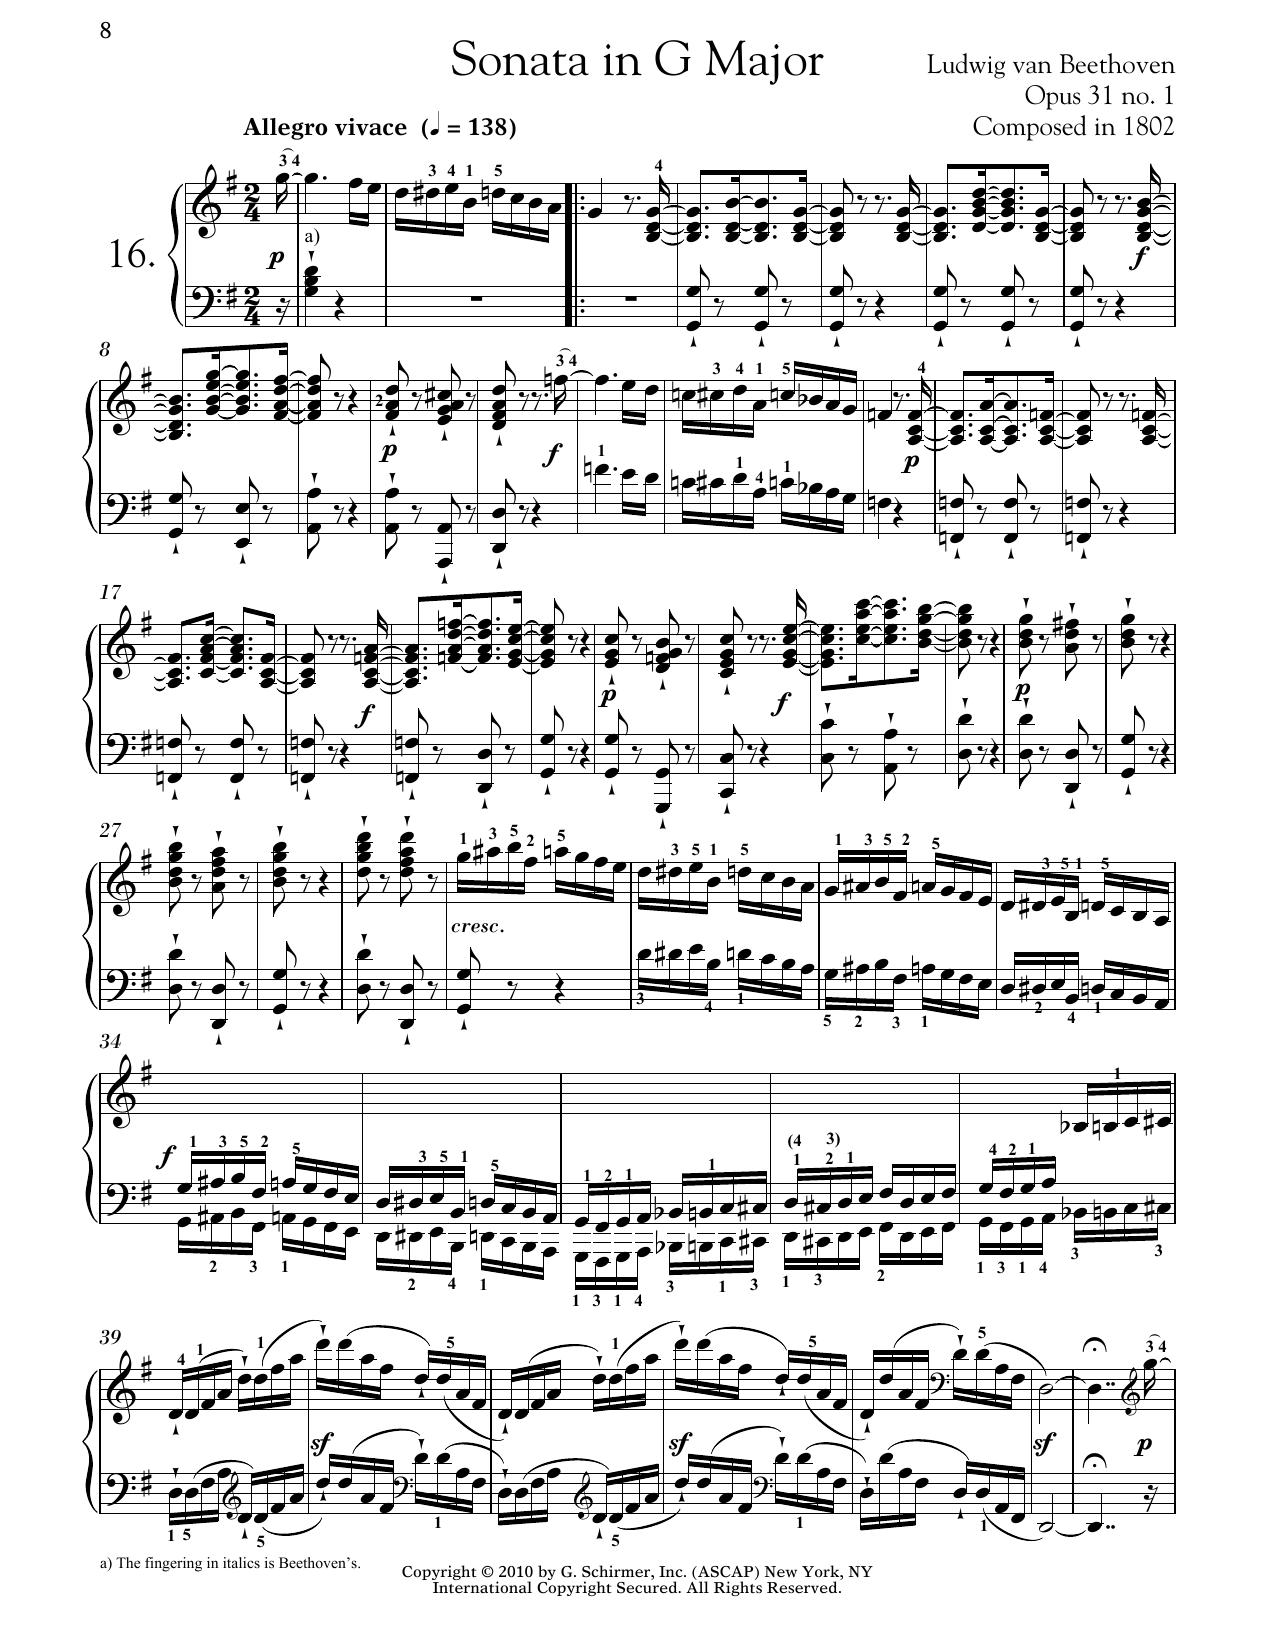 Ludwig van Beethoven Piano Sonata No. 16 In G Major, Op. 31, No. 1 sheet music notes and chords. Download Printable PDF.